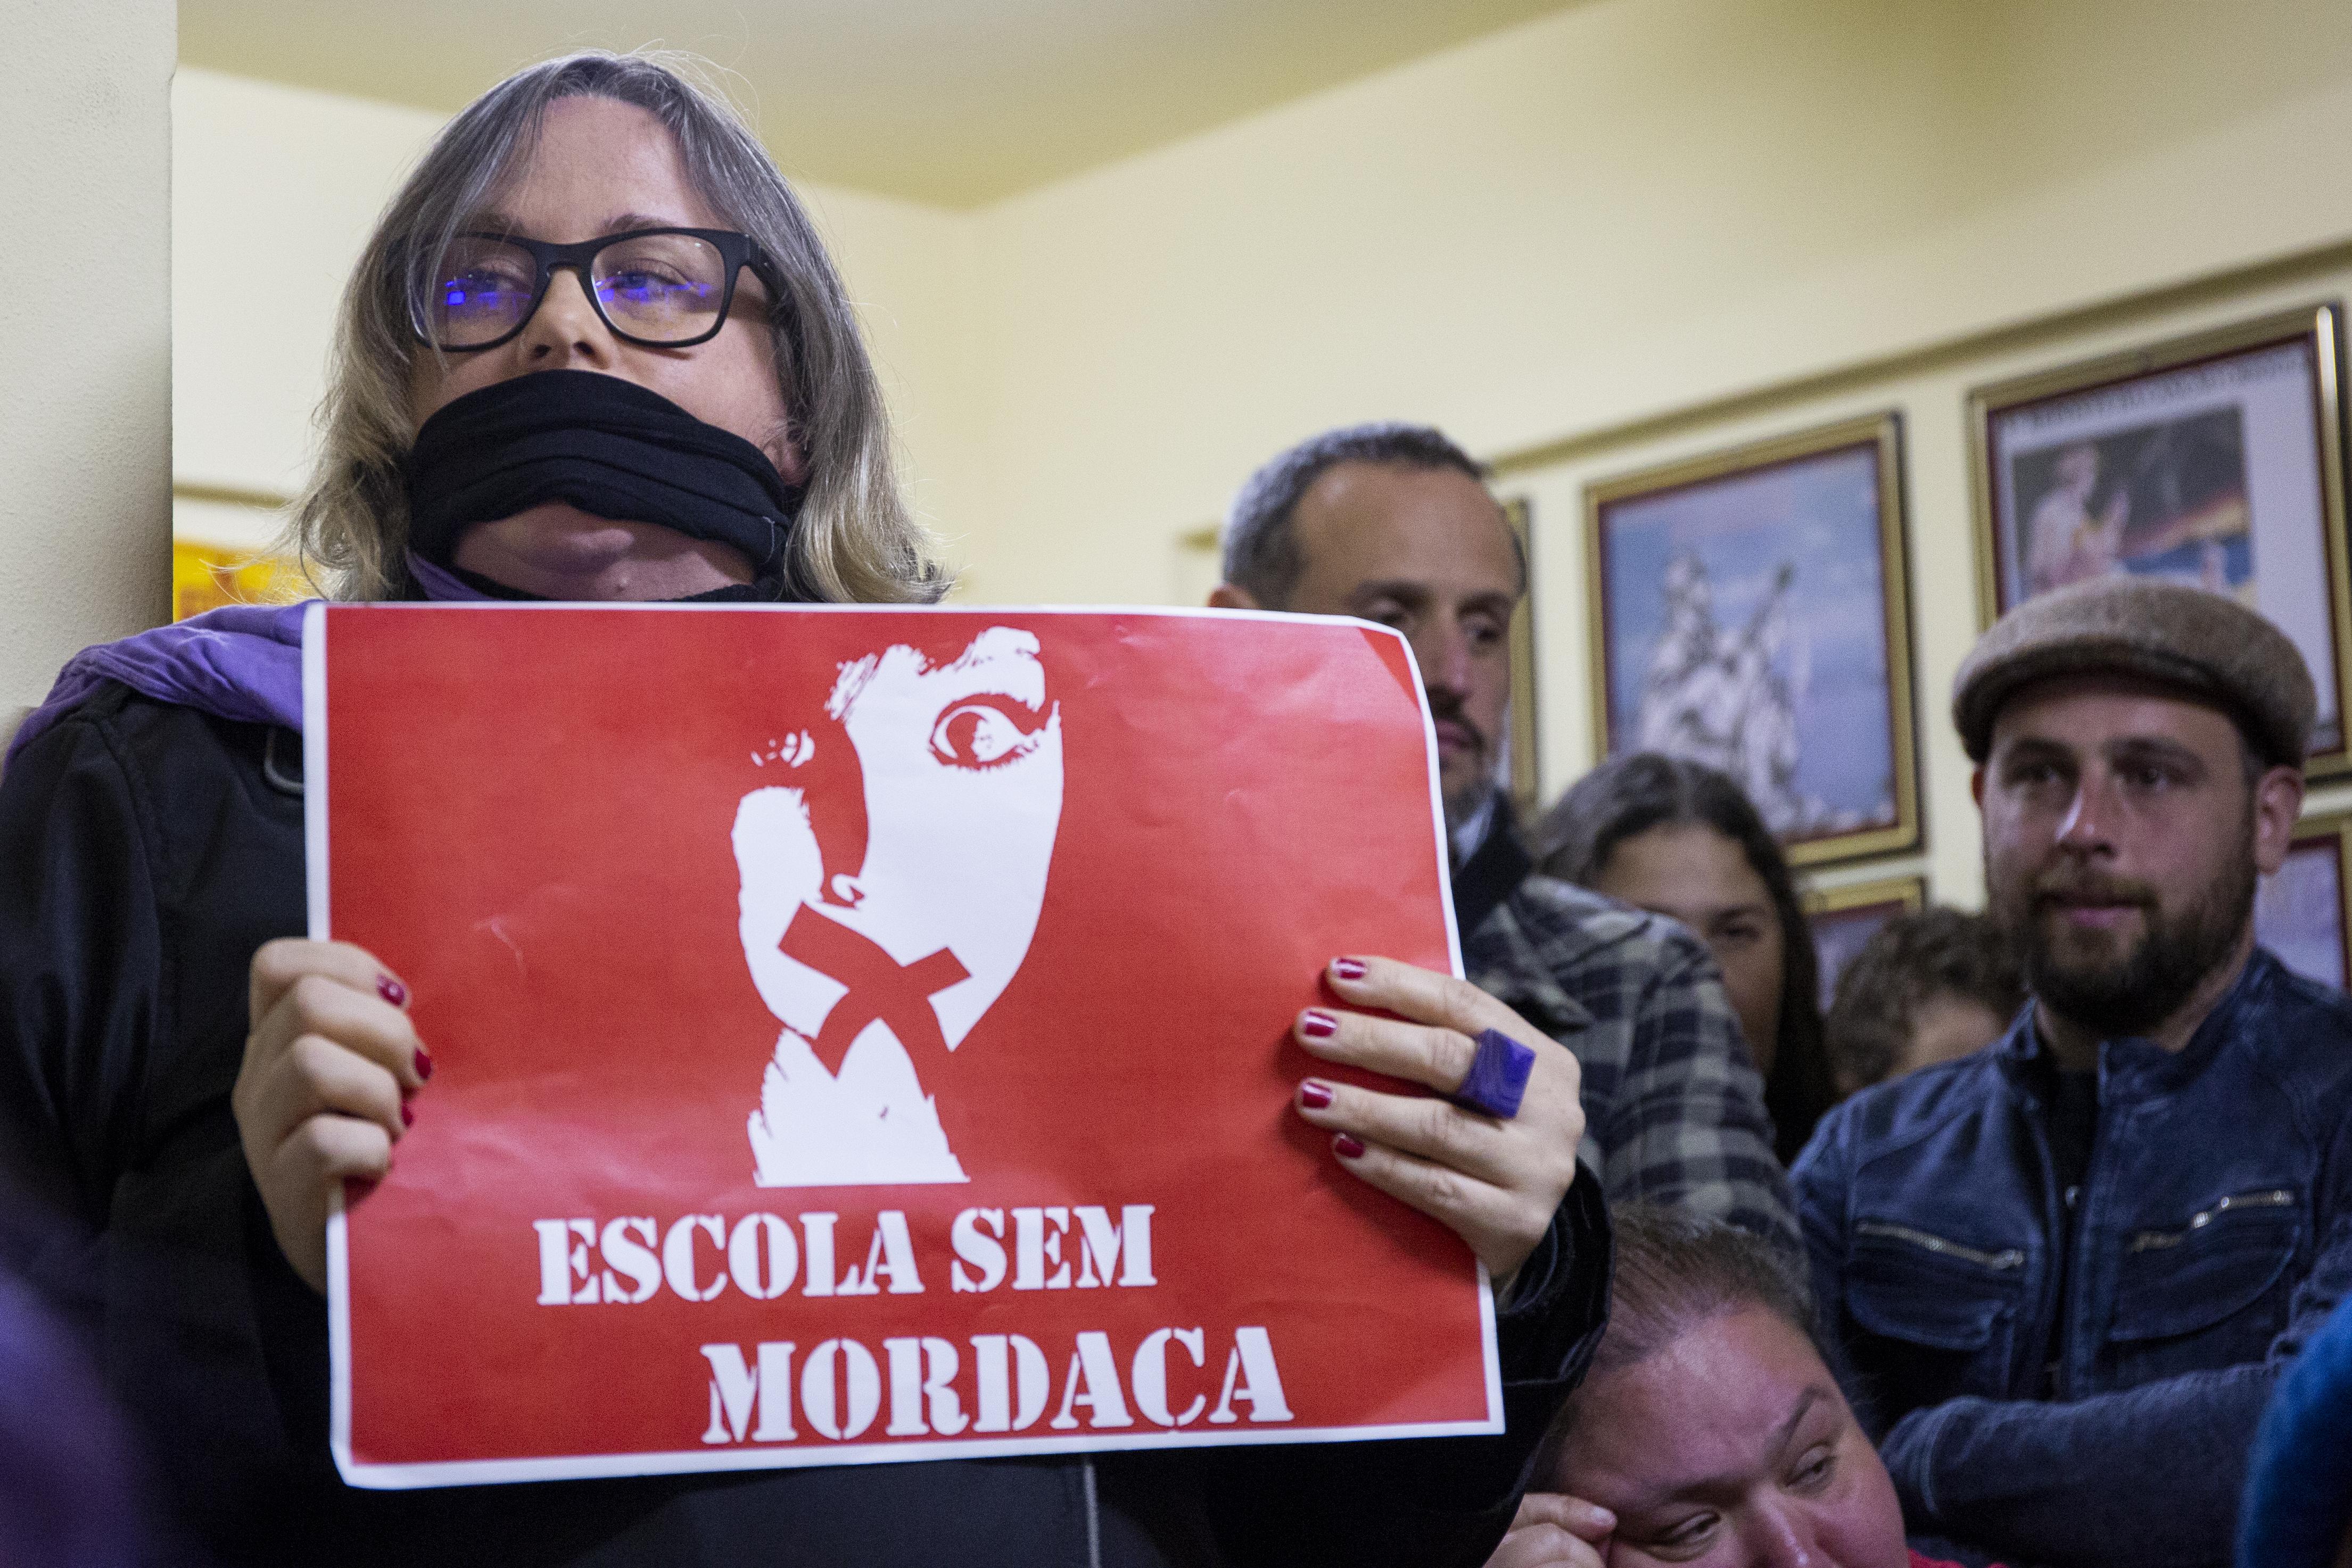 24º Núcleo Lei da Mordaça - 27/08/18 - São Lourenço do Sul